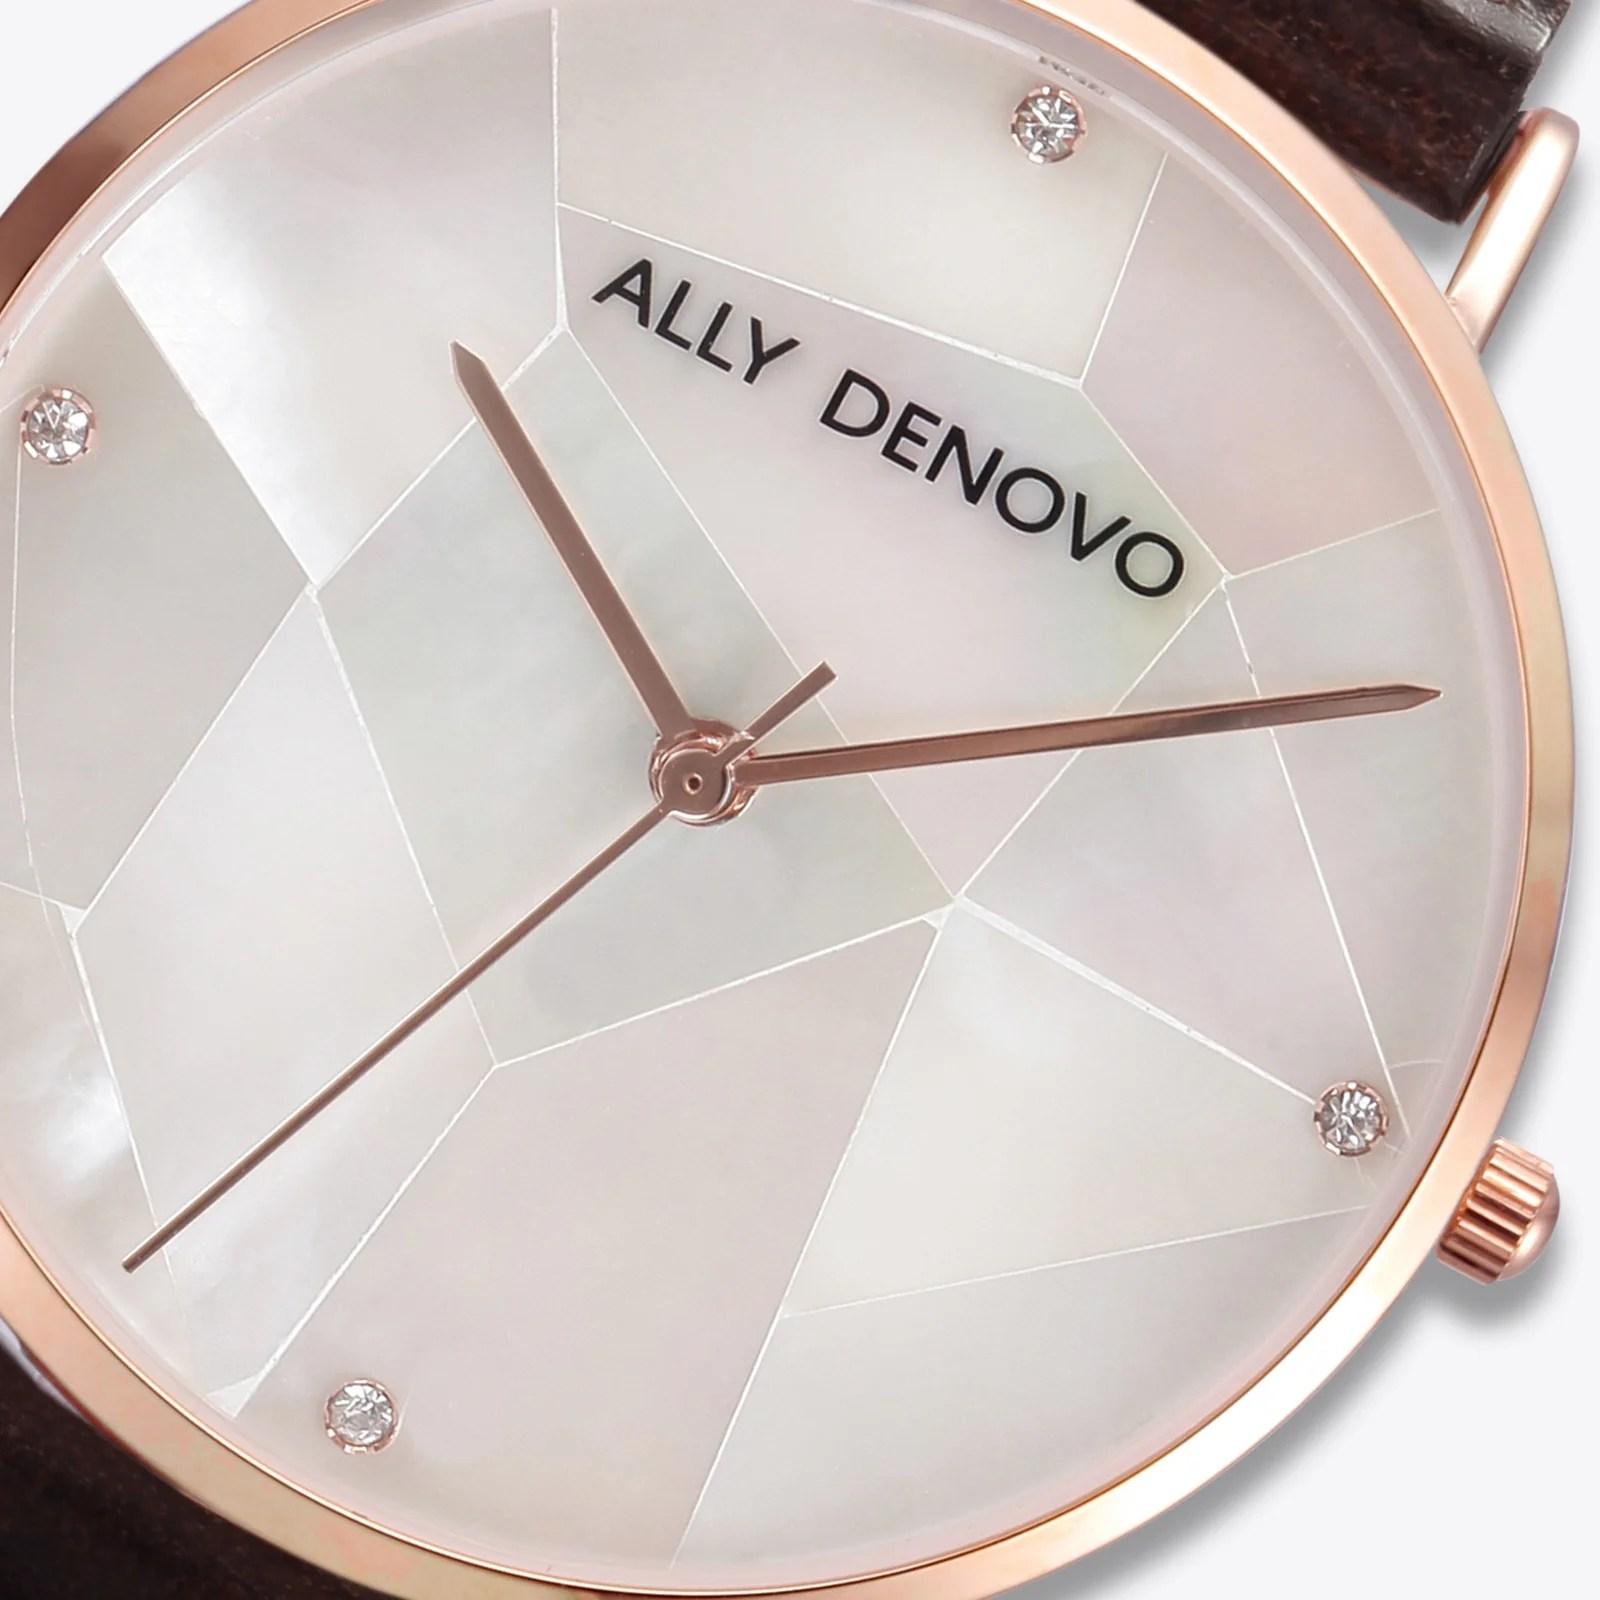 【女款36mm】Gaia pearl皮革腕錶-白色菱形琉璃玫瑰金框咖啡色真皮錶帶 AF5003.2 – ALLY DENOVO 中文官方網站